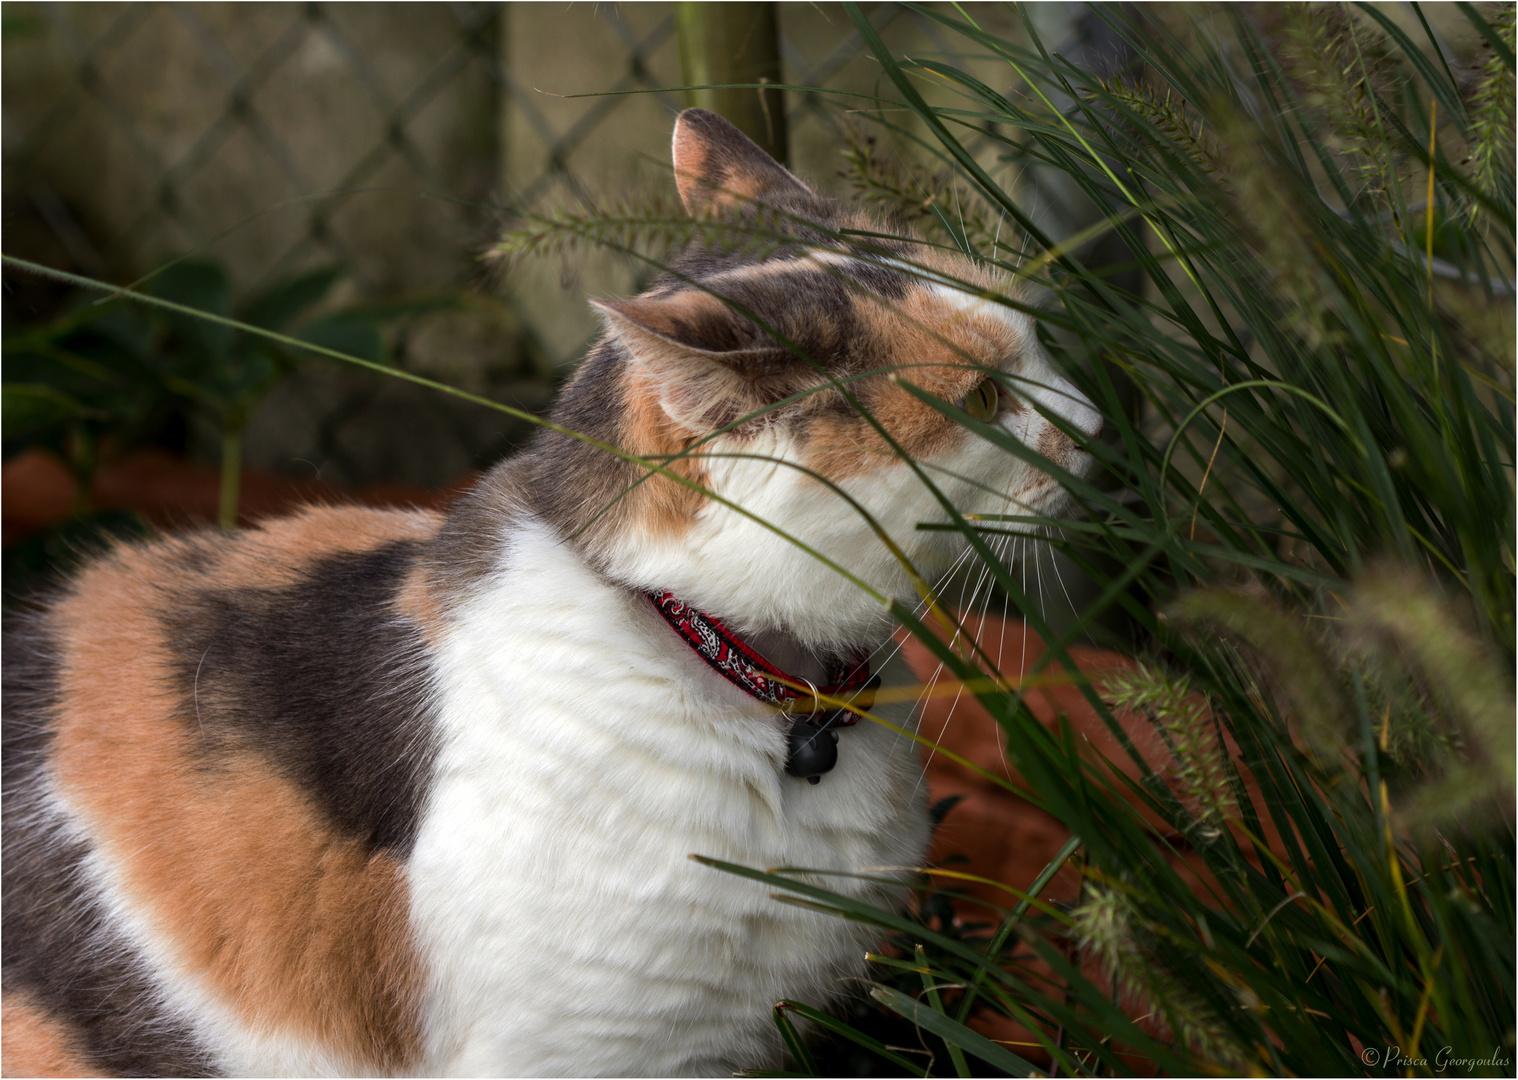 Gina tut sich gütlich am Lampenputzergras im Garten